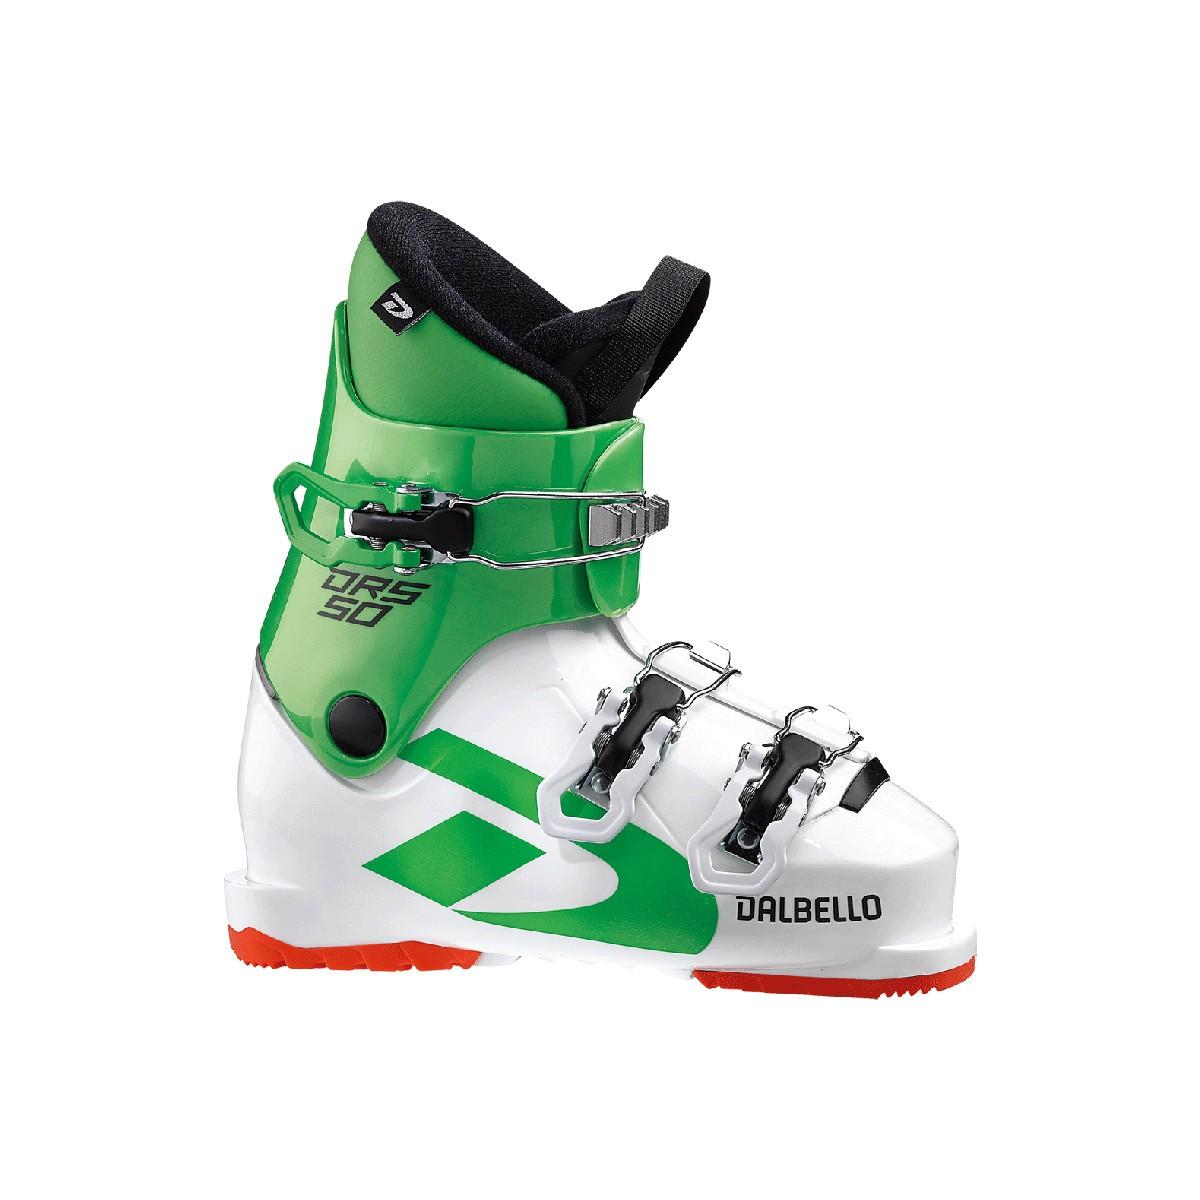 Scarponi Sci Dalbello DRS 50 (Colore: white-race green, Taglia: 20.5)